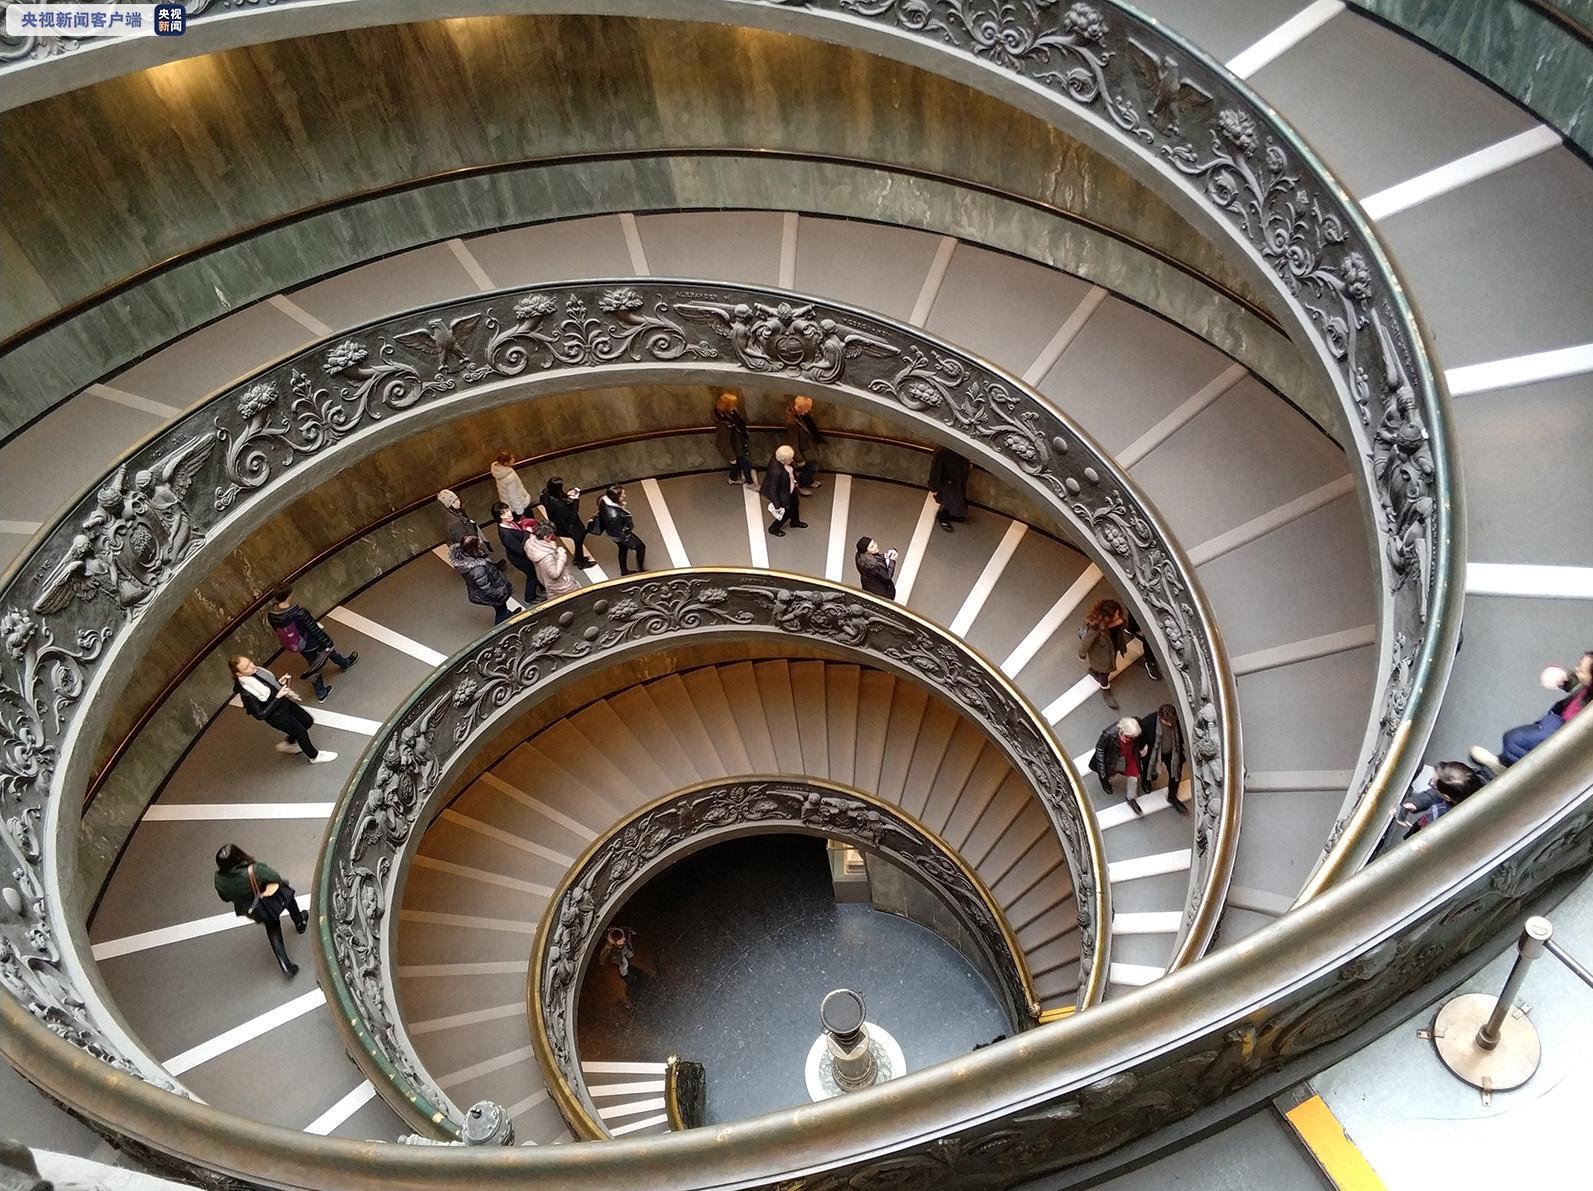 关闭88天后 梵蒂冈博物馆重新开放